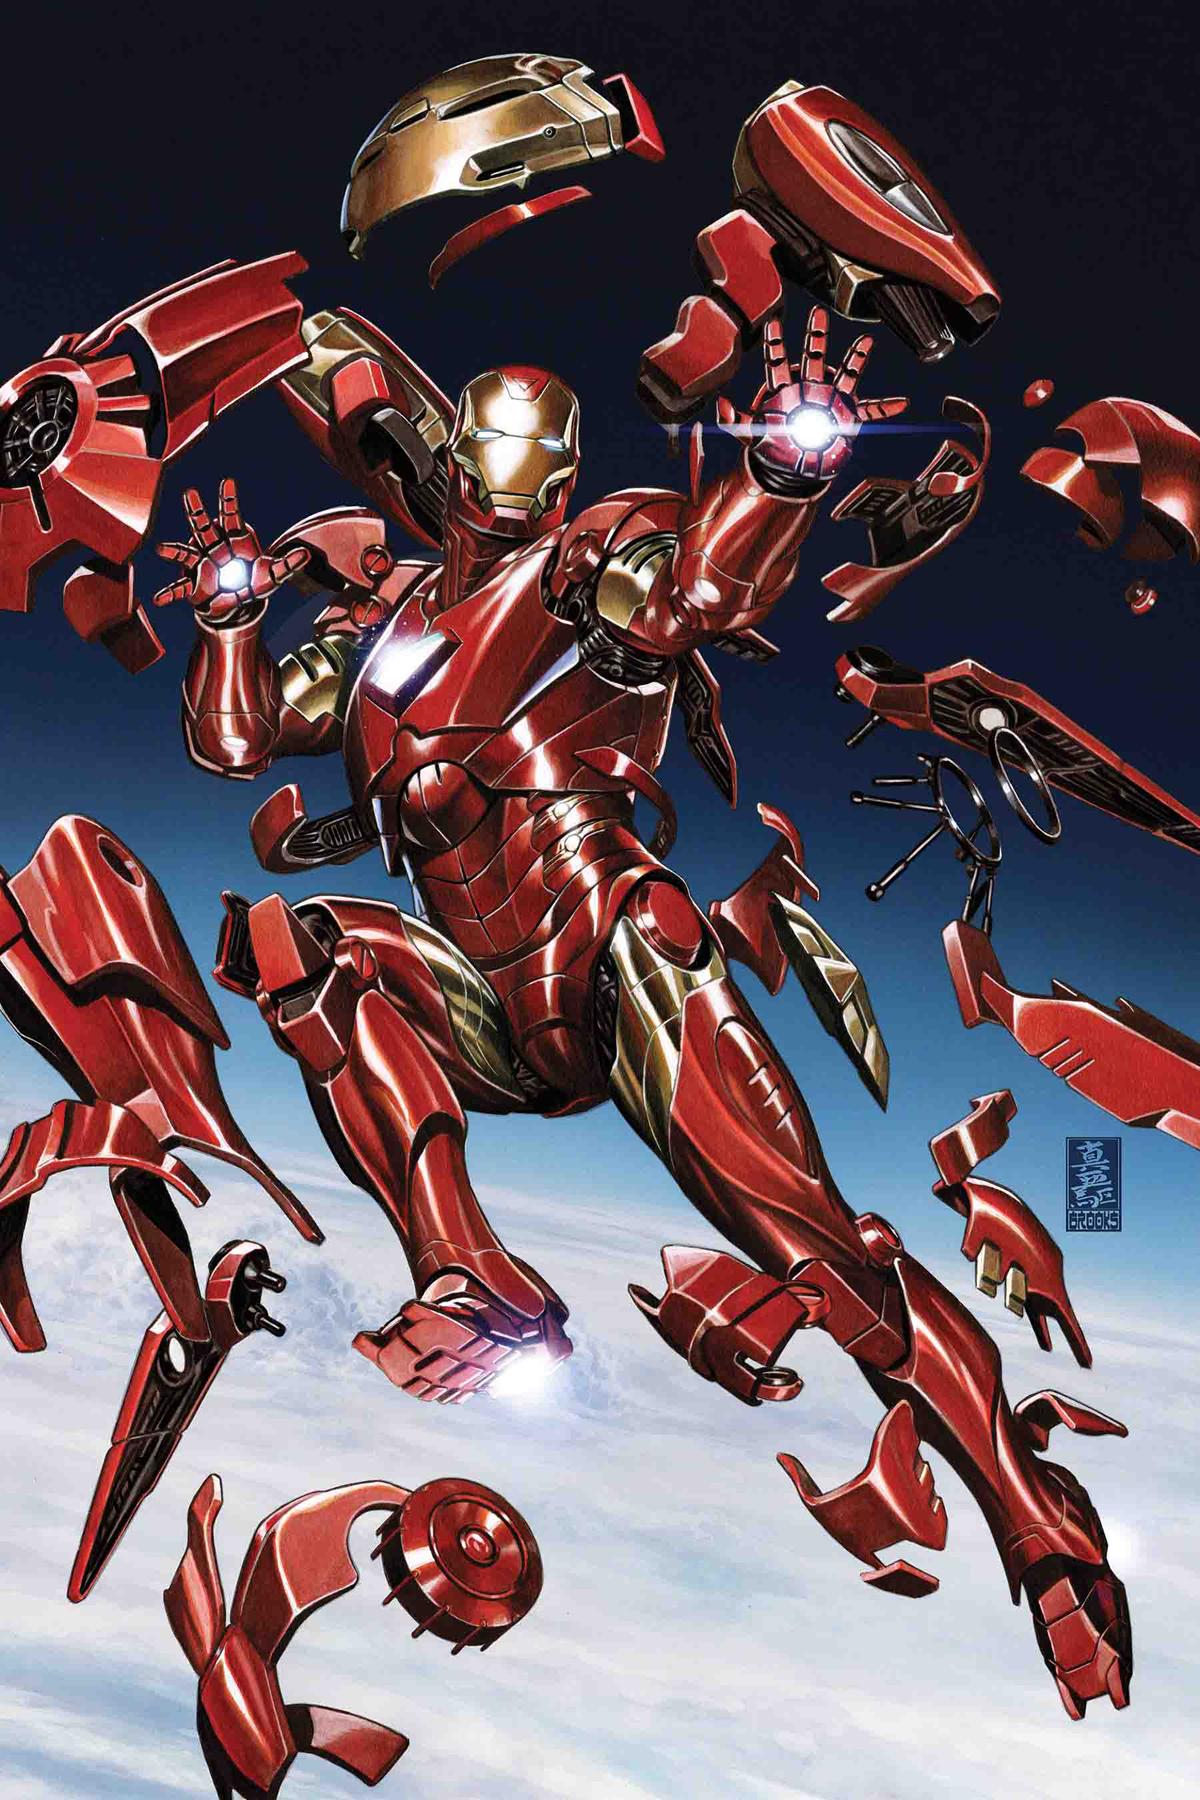 Tony Stark is IRONMAN on Behance  |Tony Stark Iron Man 2 Hair